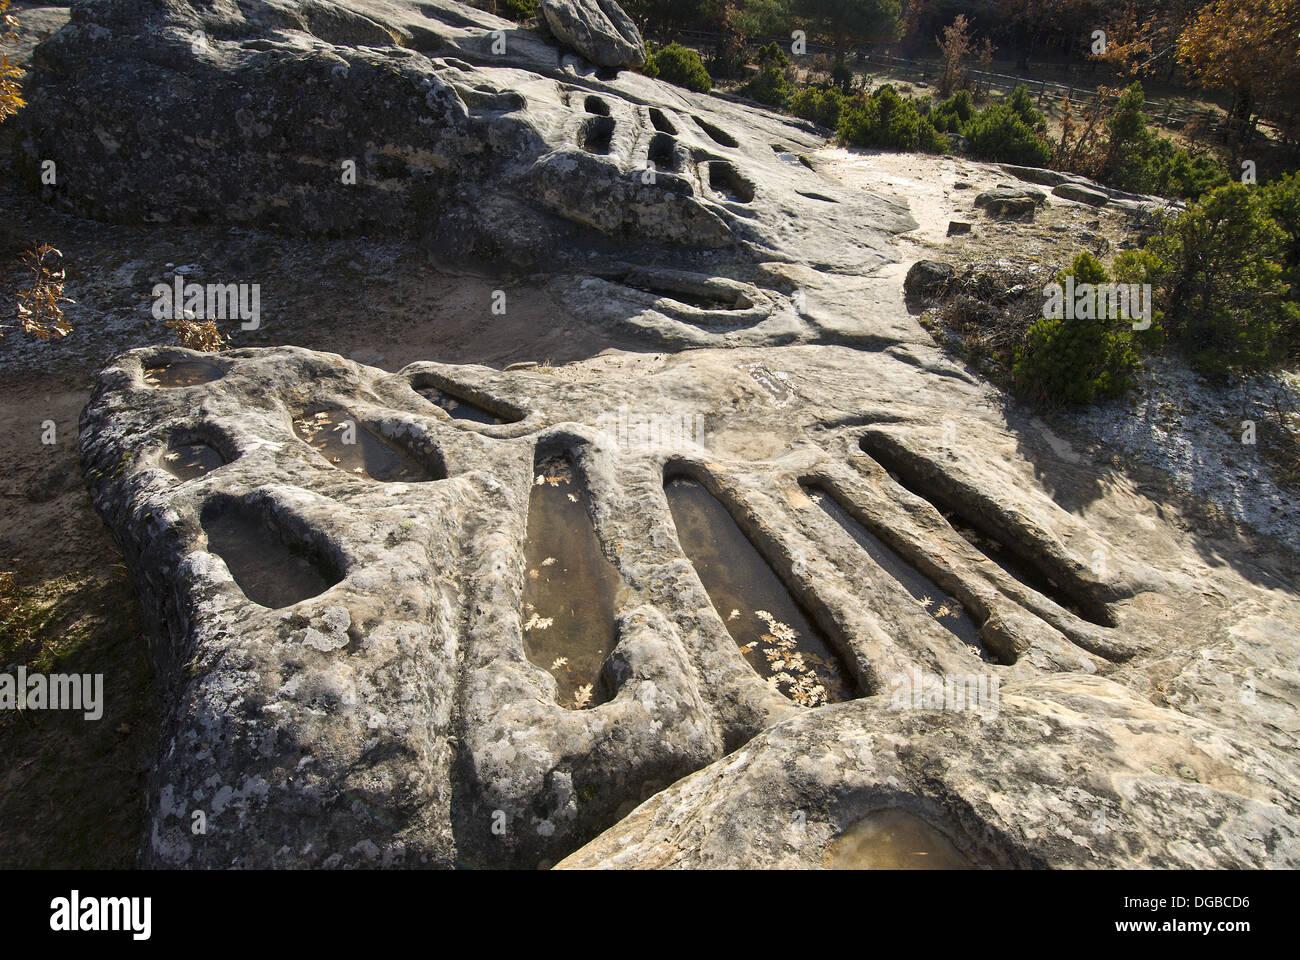 Cuyacabras High Middle Ages necropolis, Quintanar de la Sierra. Burgos province, Castilla-Leon, Spain - Stock Image